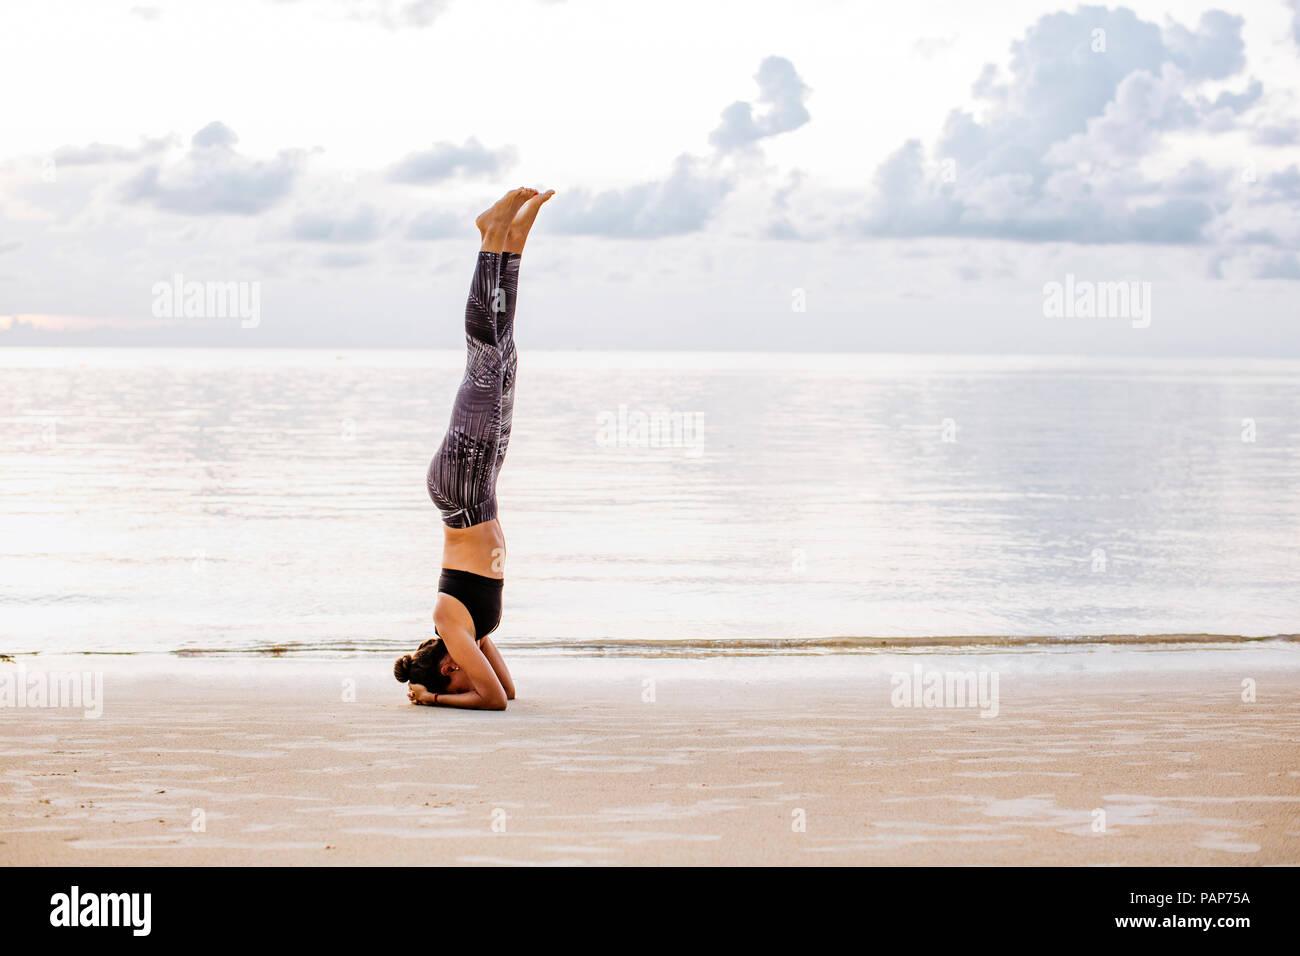 Thailandia Koh Phangan, Sportive donna fare yoga sulla spiaggia Immagini Stock